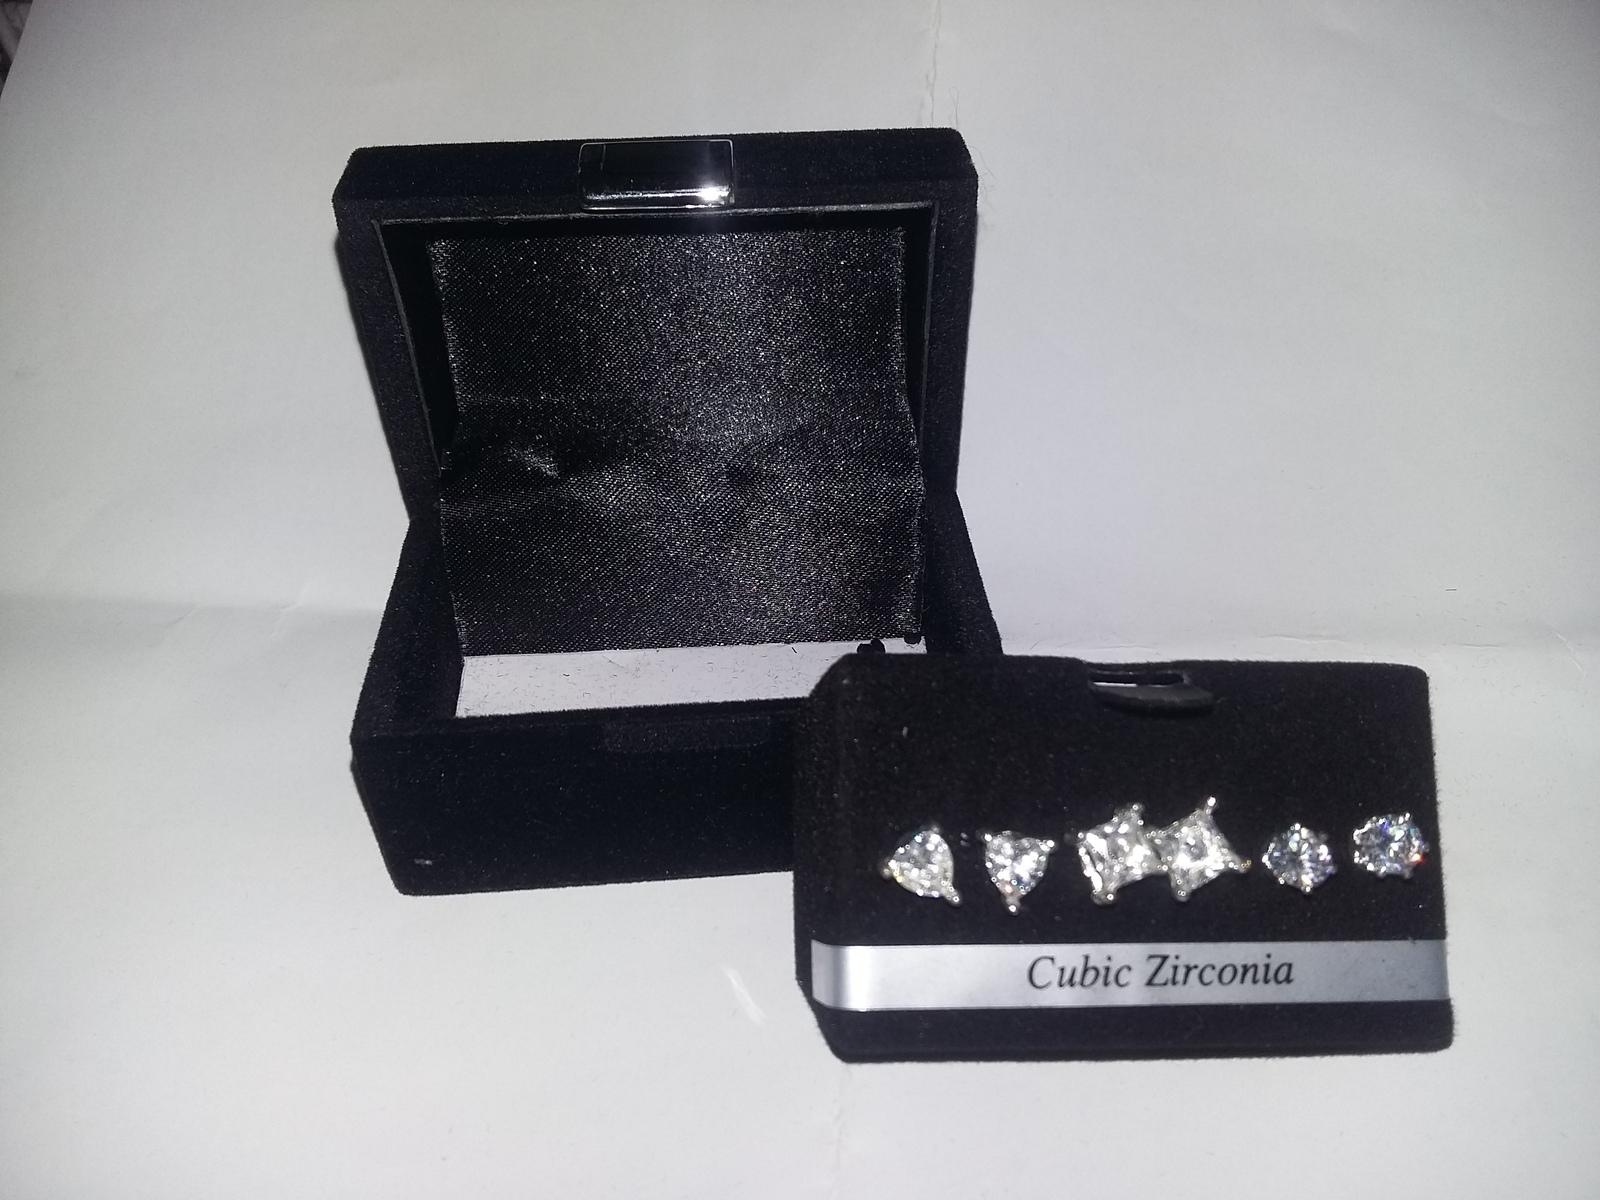 BEAUTIFUL 3 CUBIC ZIRCONIA STUD EARRINGS SET BEAUTIFUL KEEPSAKE BOX